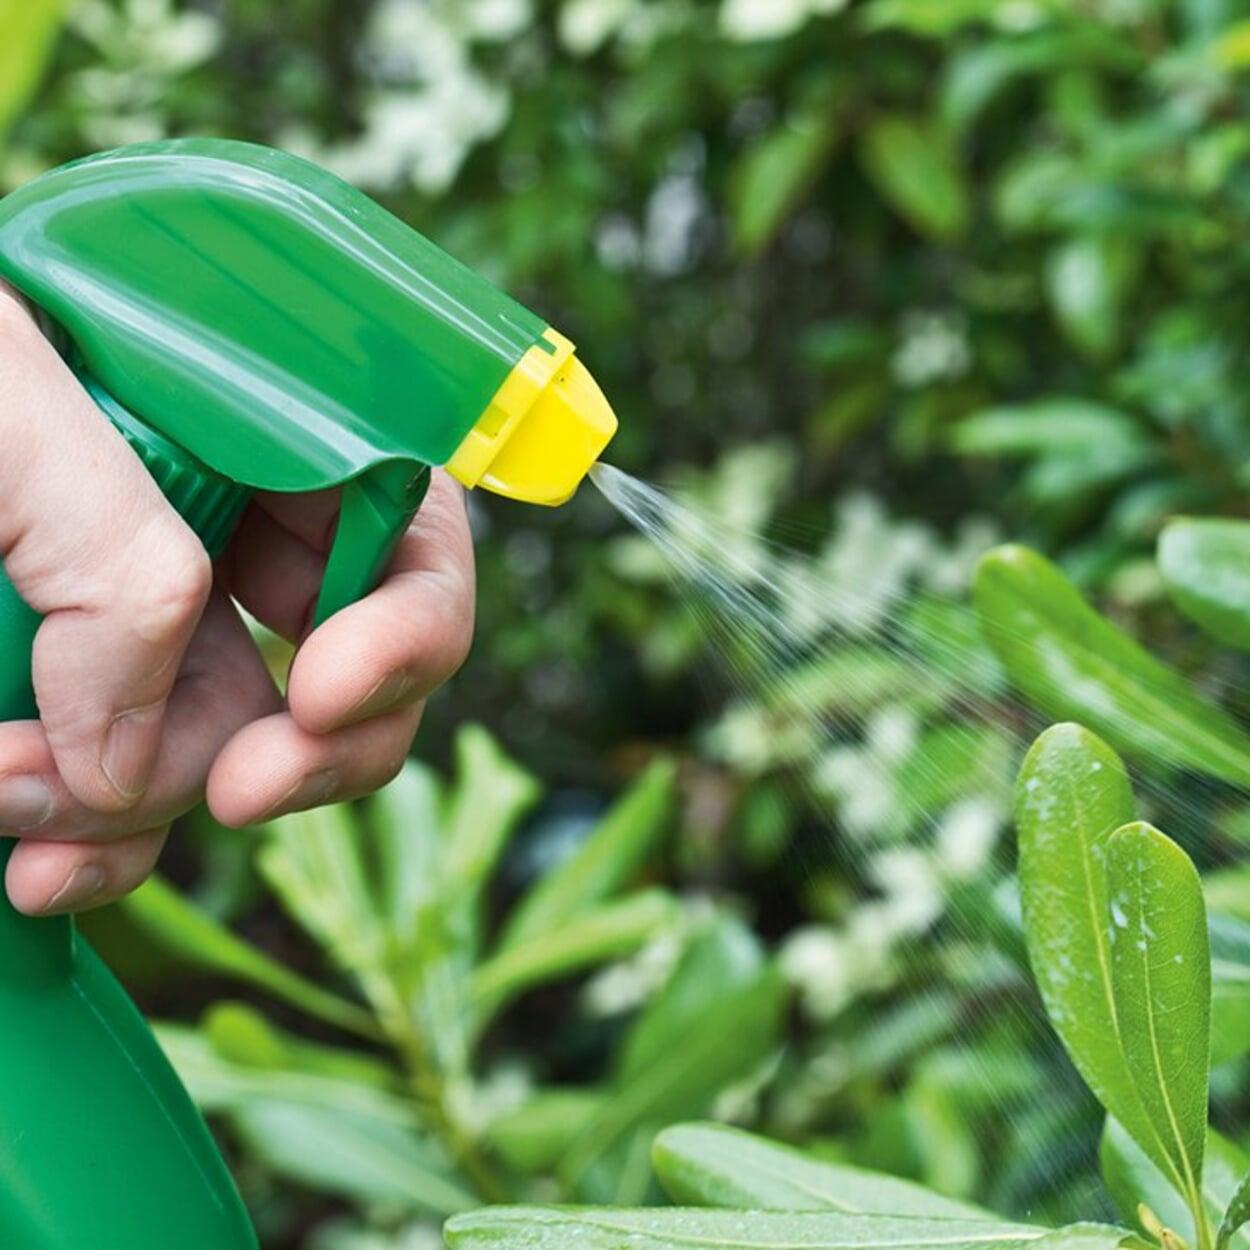 Gegen Blattläuse hilft häufig schon ein Absprühen mit Seifenlauge